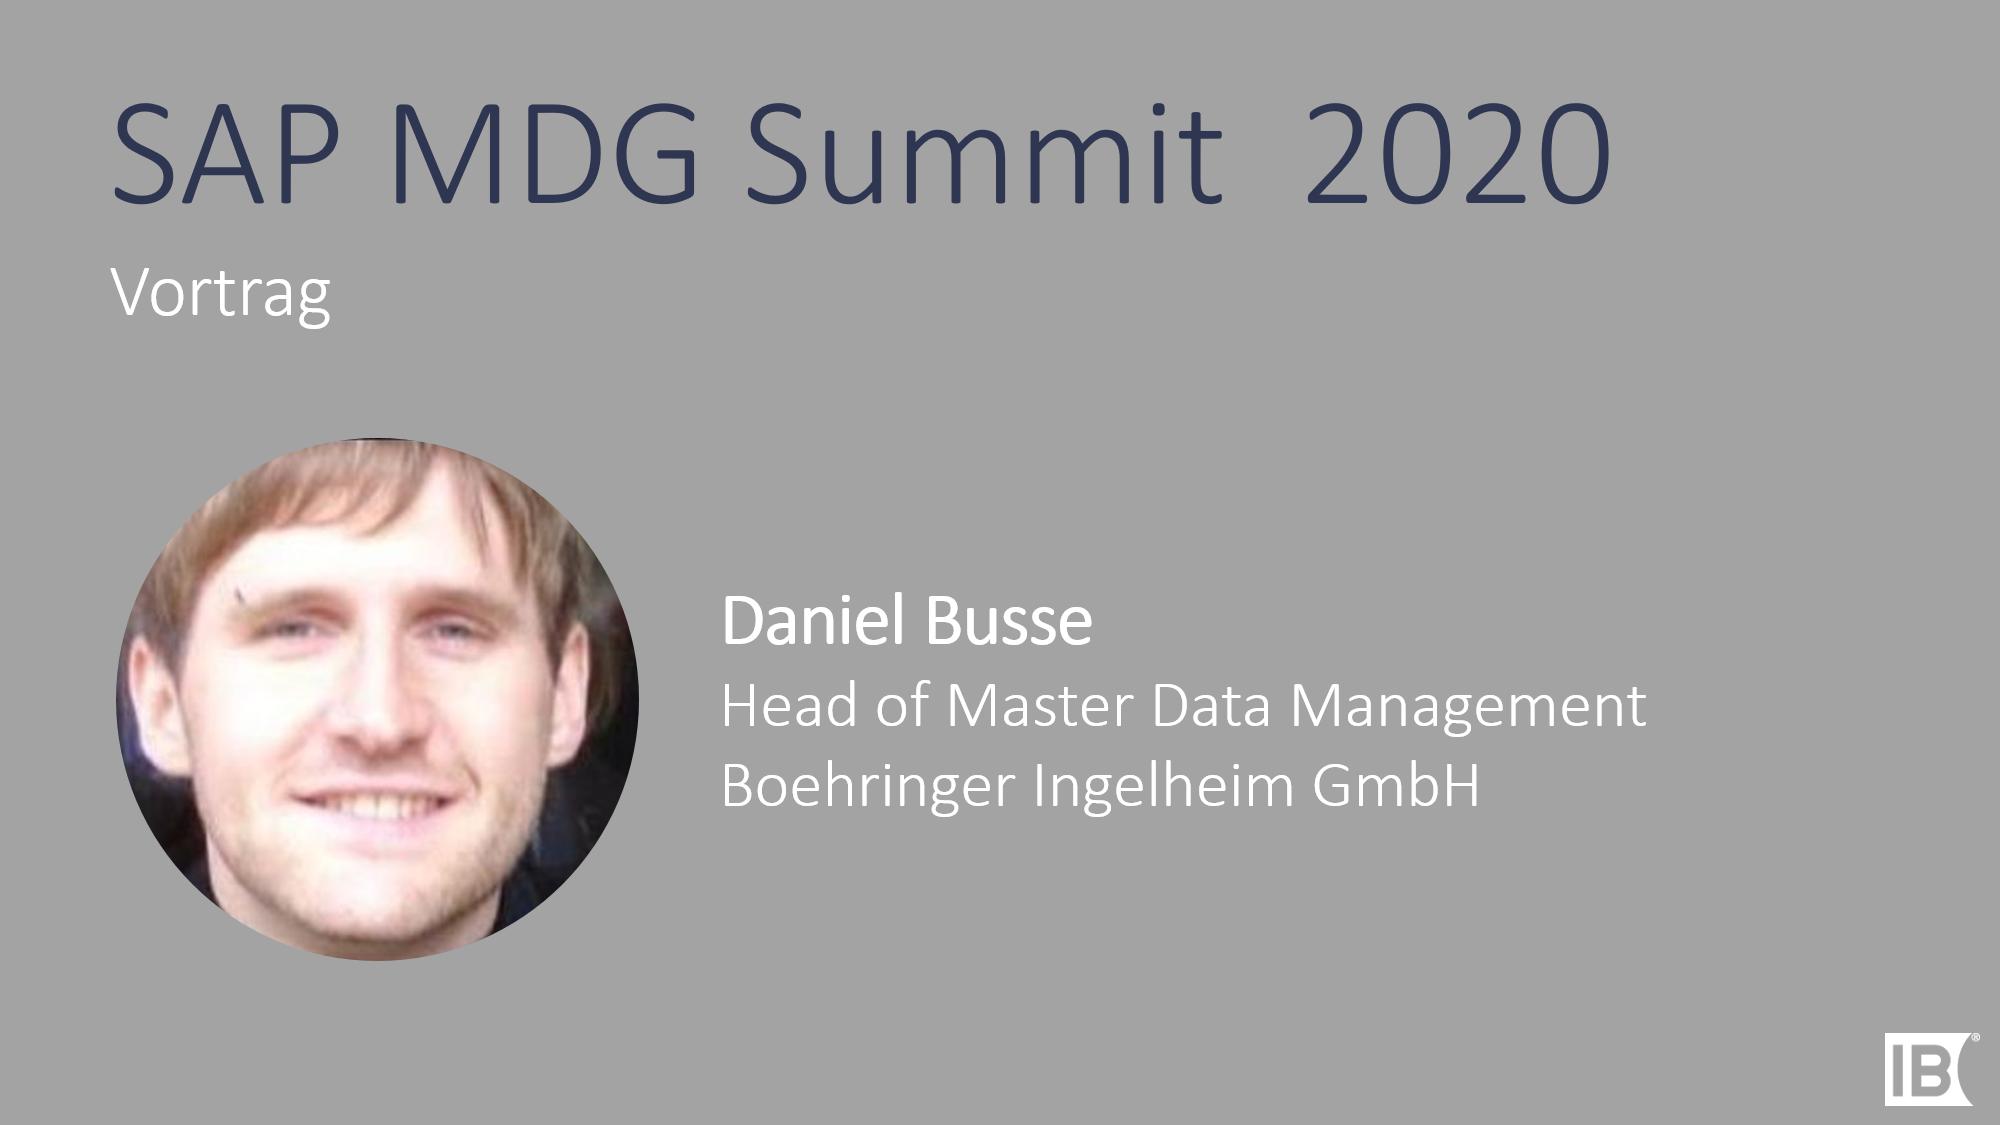 Vortrag Daniel Busse MDG Summit